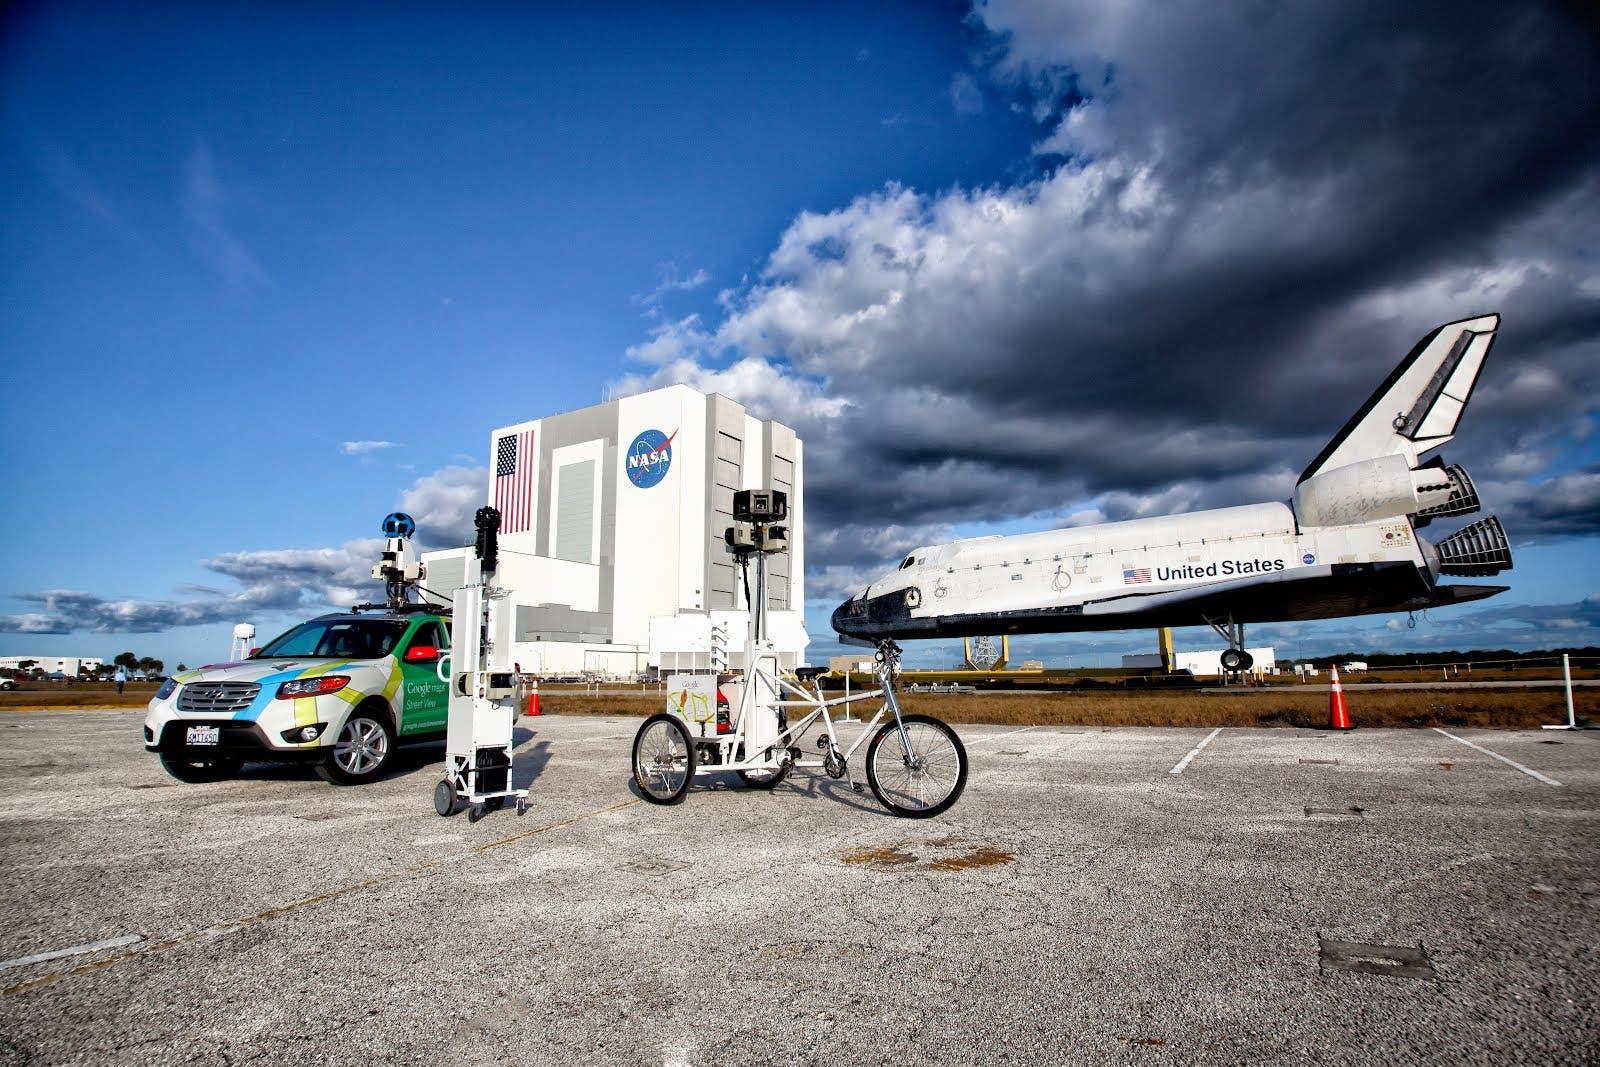 Tecnología de Google Street View en el Centro Espacial Kennedy